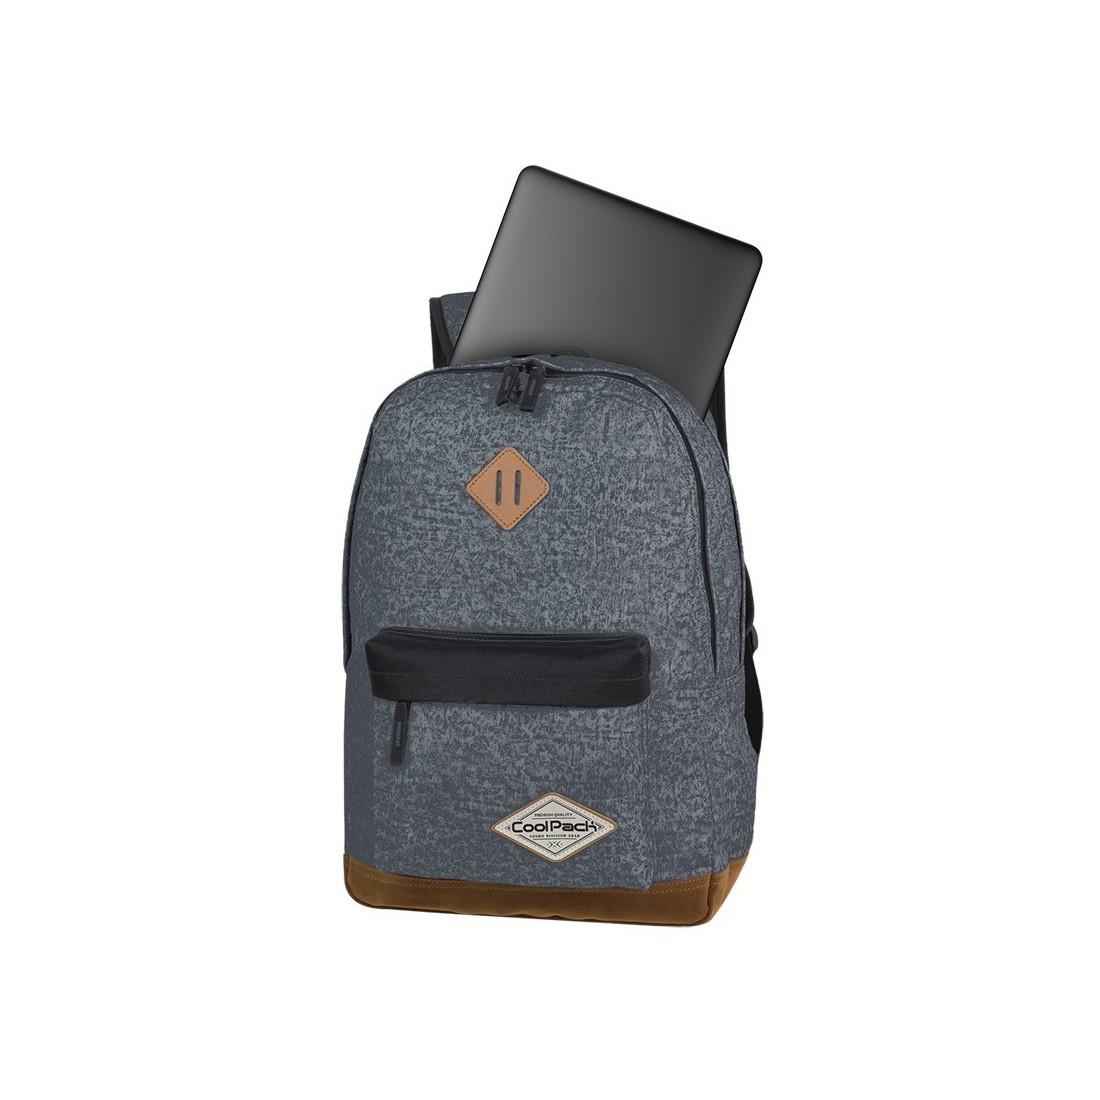 Plecak młodzieżowy CoolPack CP SCOUT SHABBY GREY brudny szary kieszeń na laptop  - A120